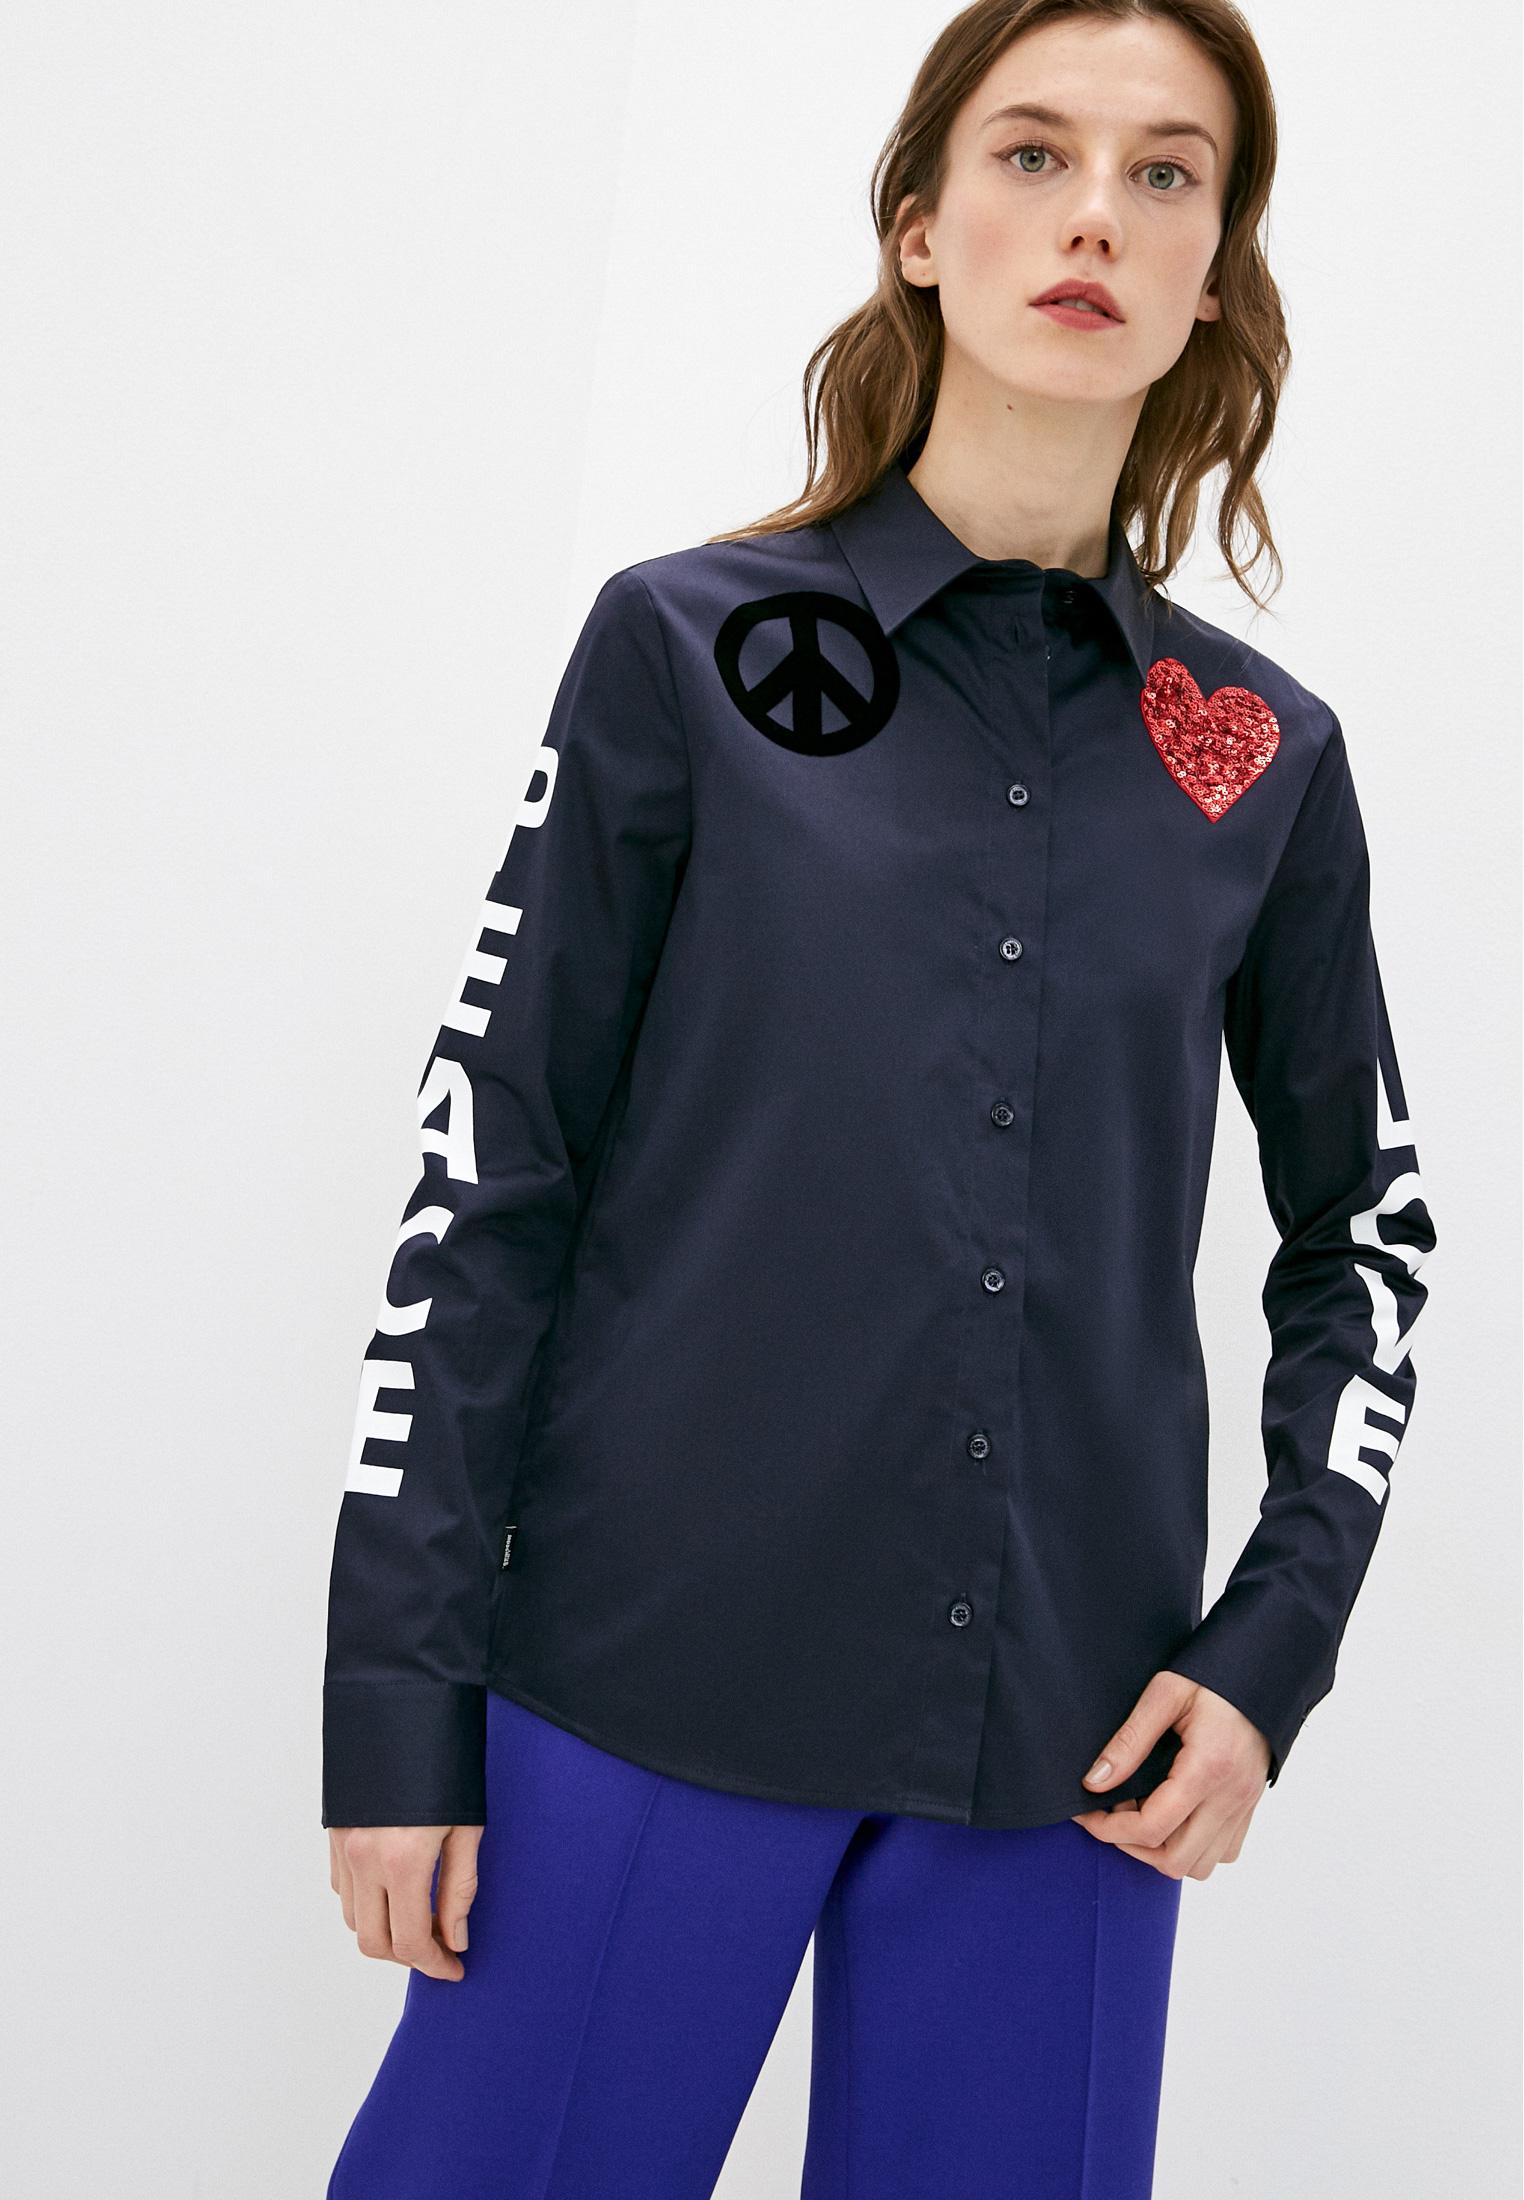 Рубашка Love Moschino W C C81 01 S 2840